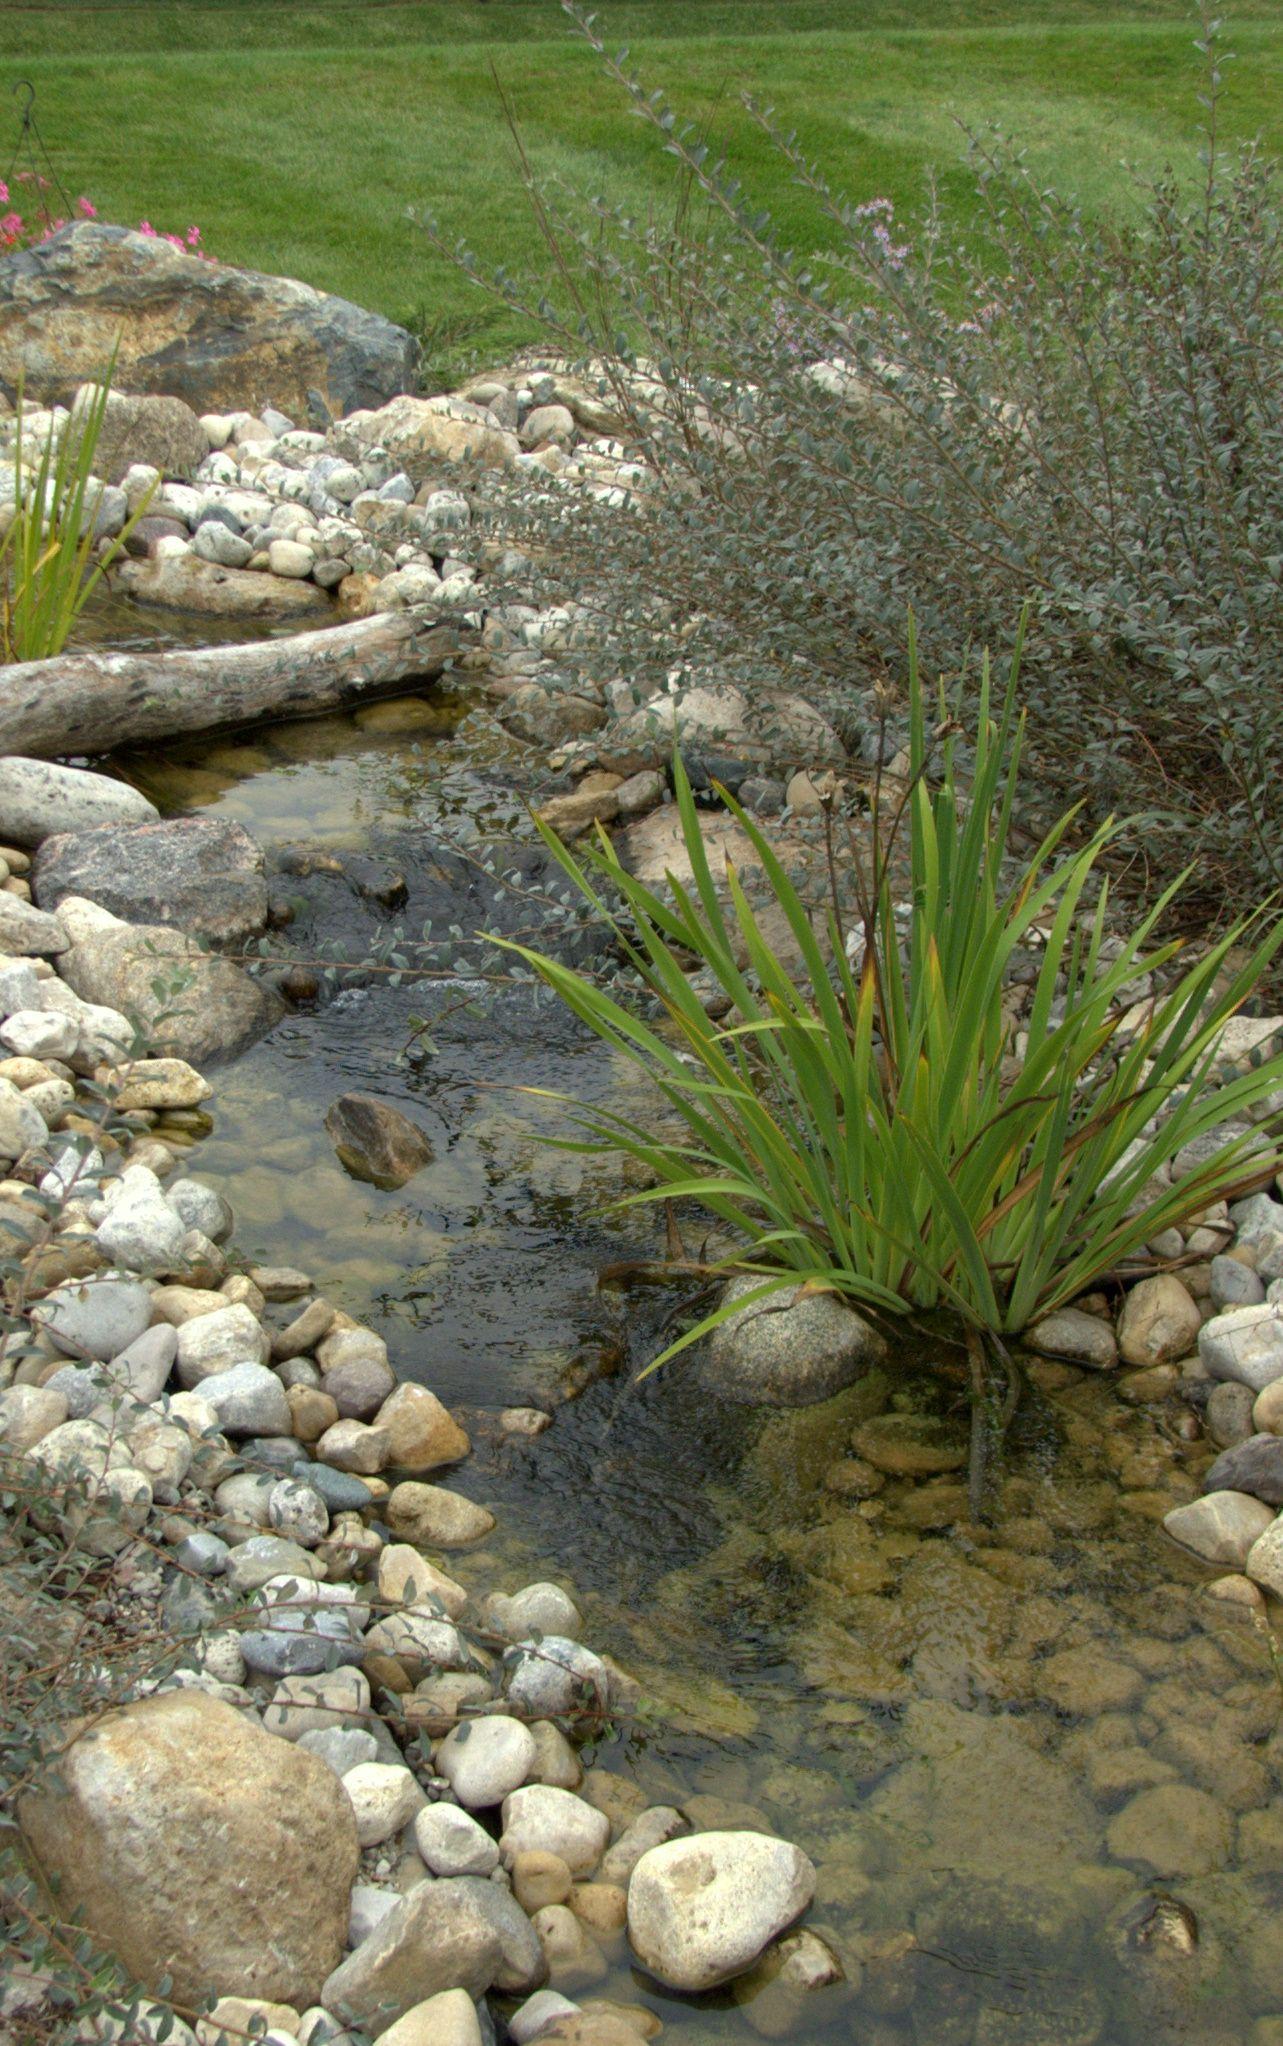 Residential backyard pond 4 ponds streams for Koi pond rocks